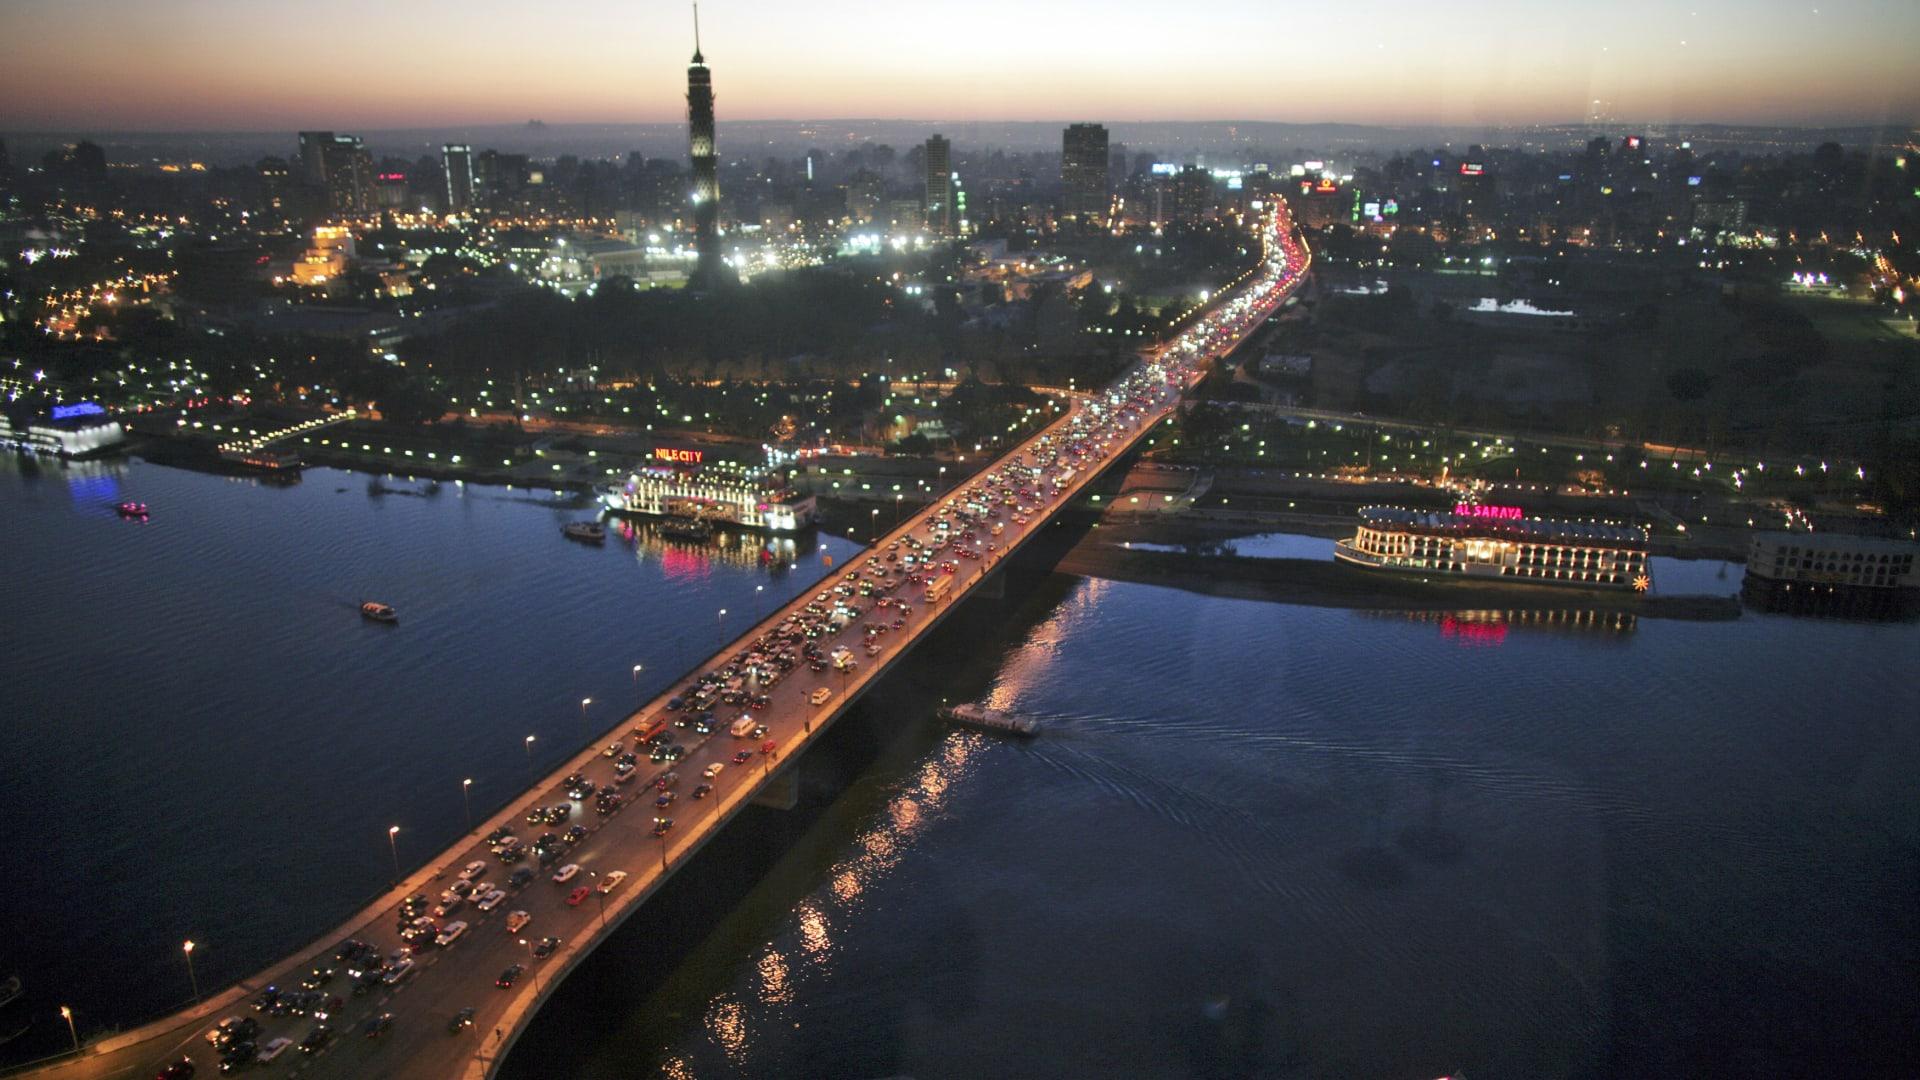 صورة أرشيفية من العاصمة المصرية، القاهرة